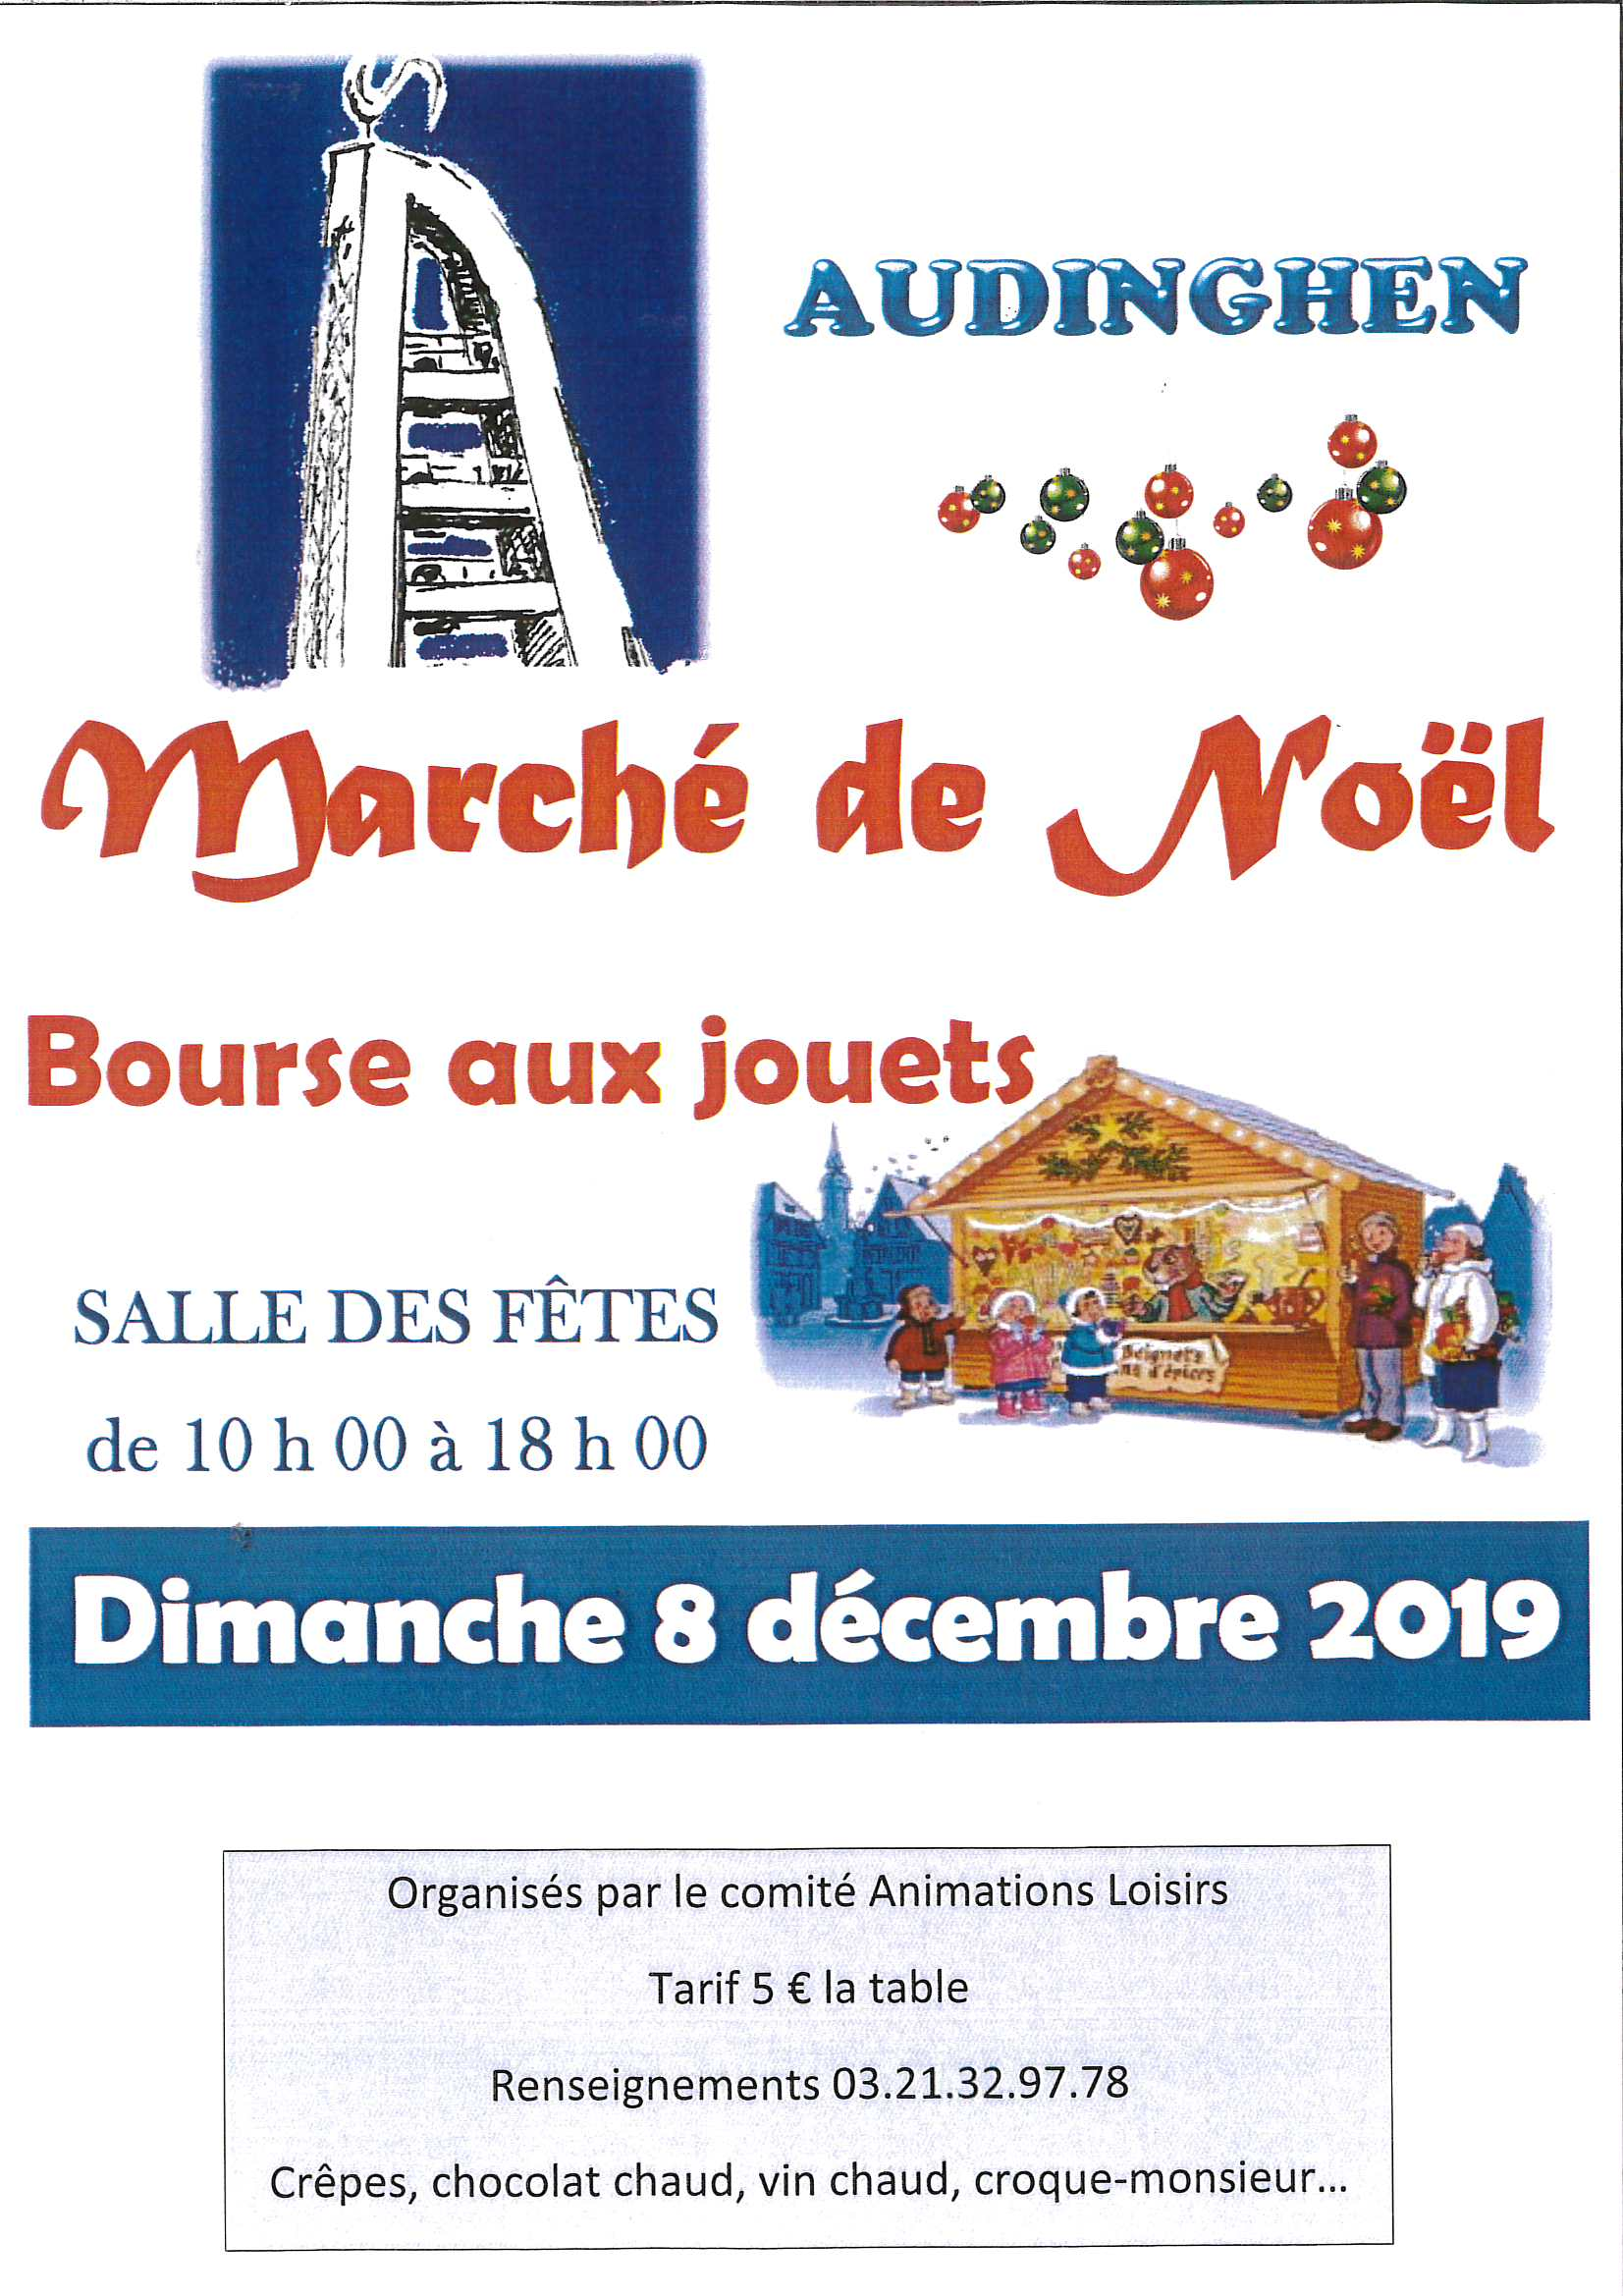 Marché de Noël & Bourse aux jouets @ Salle des fêtes